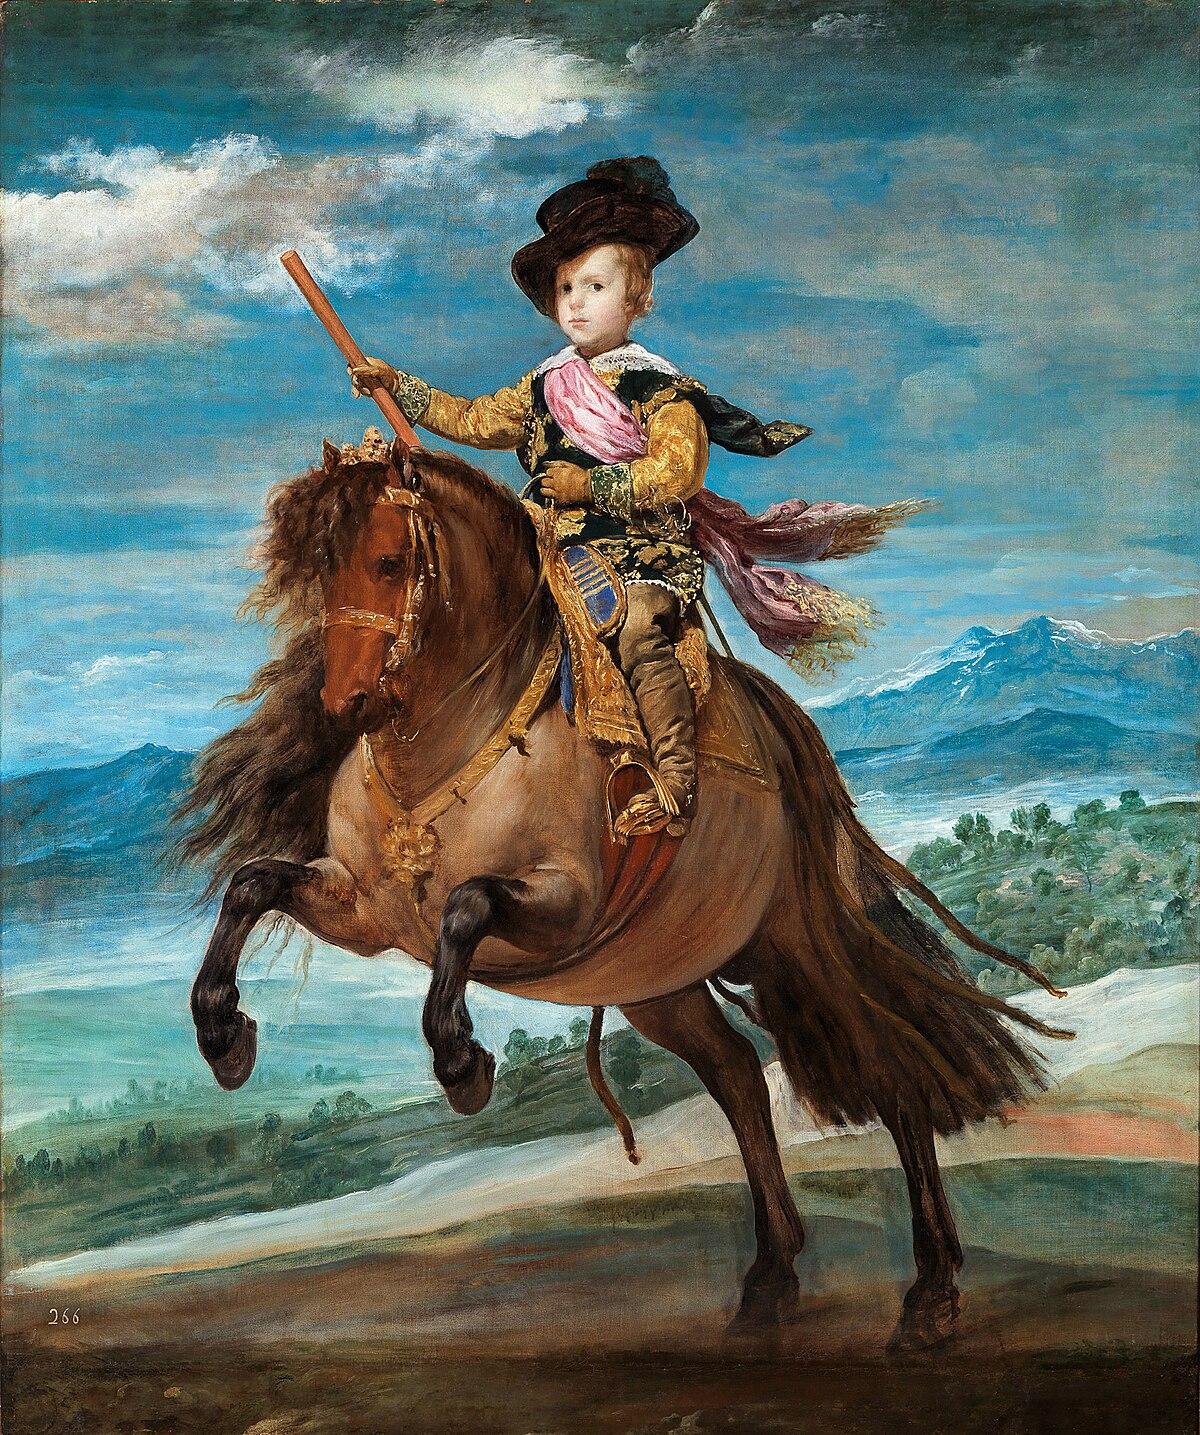 ディエゴ・ベラスケス: Equestrian Portrait of Prince Balthasar Charles